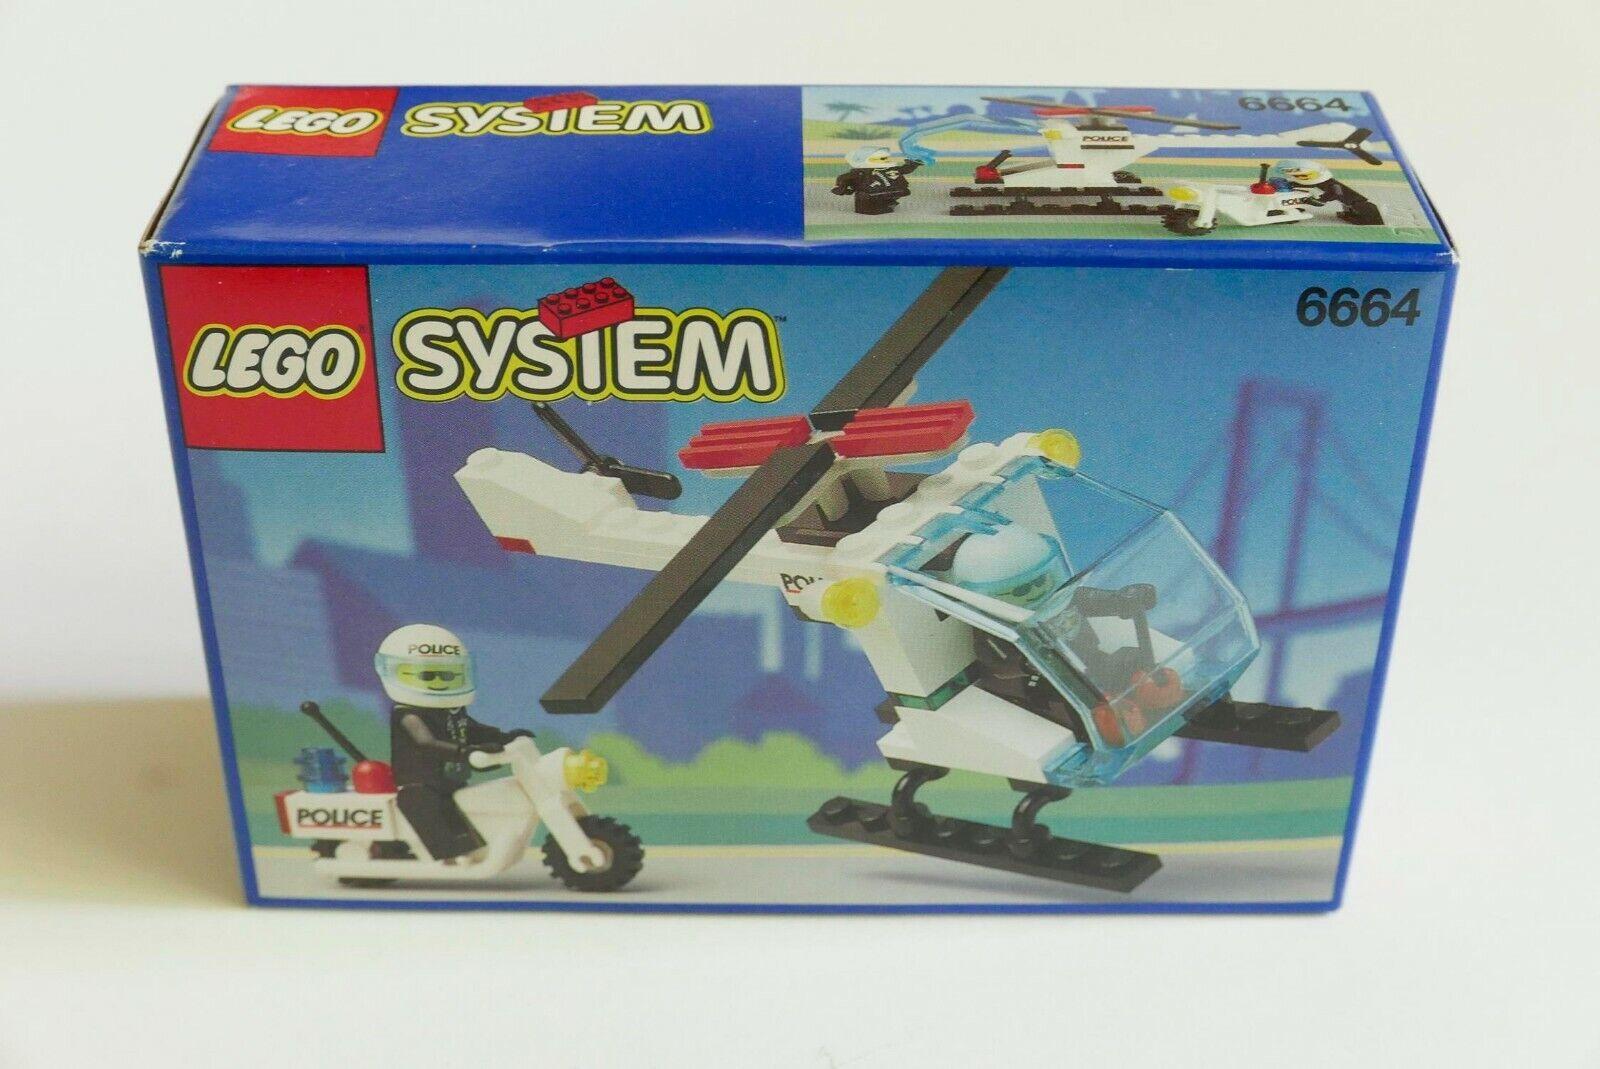 LEGO System Town 6664 Chopper  Cops nouveau Sealed RARE Vintage MISB MINT  les promotions